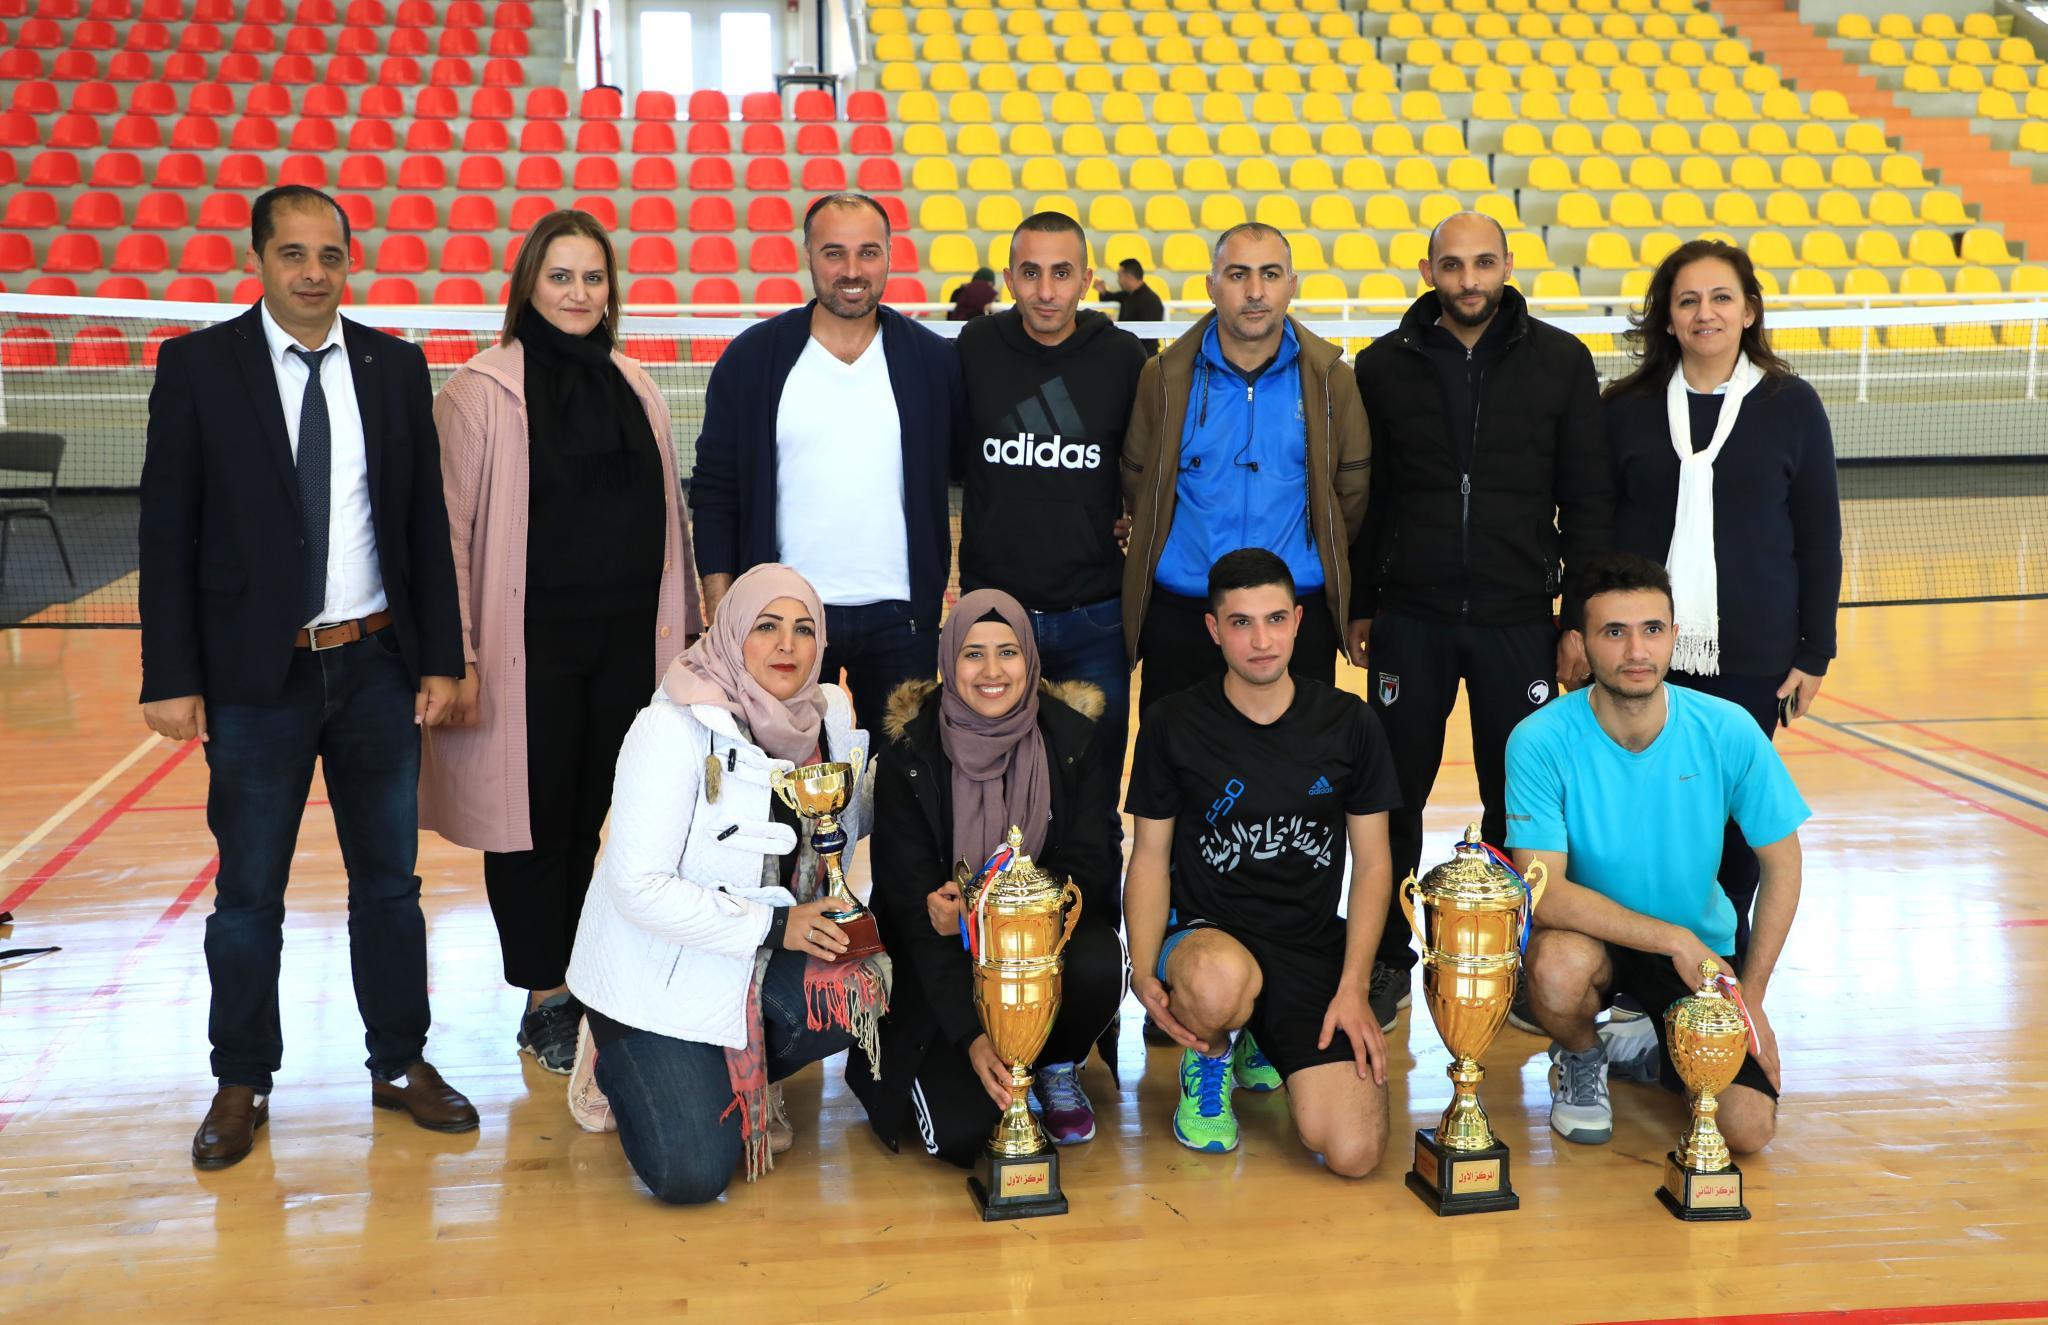 Honoring the championship winners